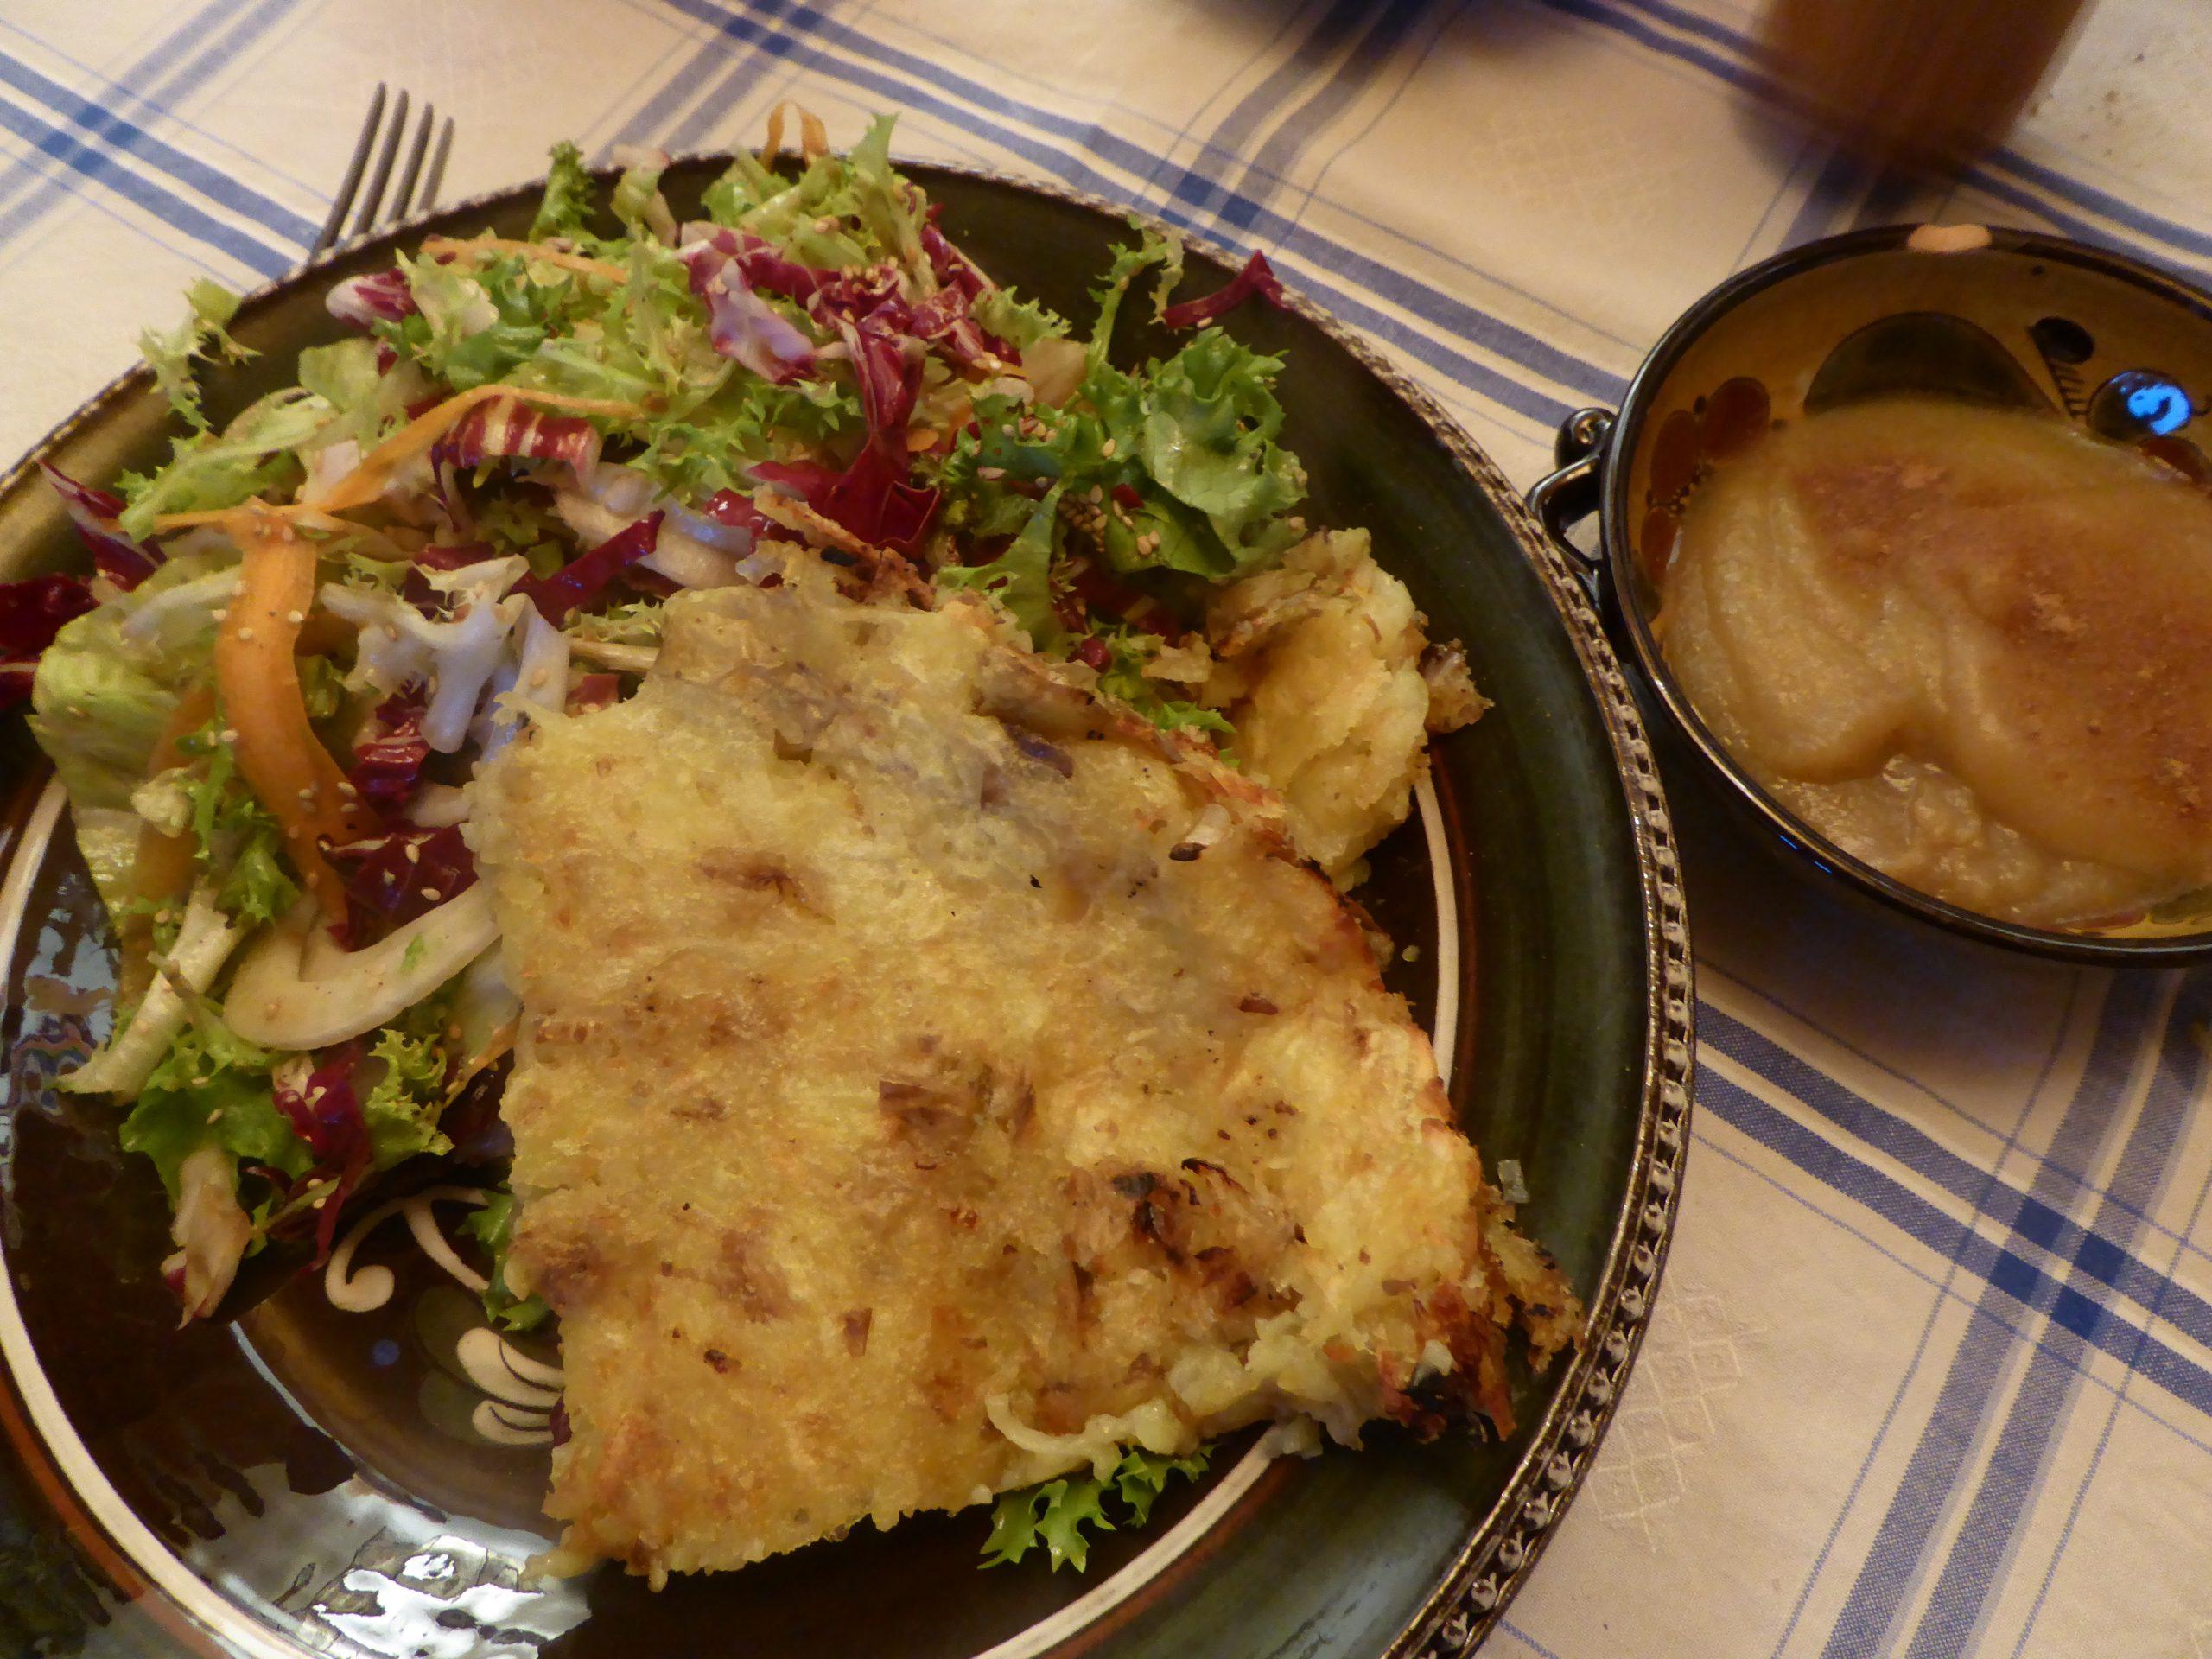 Rosti servito con una bella insalata invernale